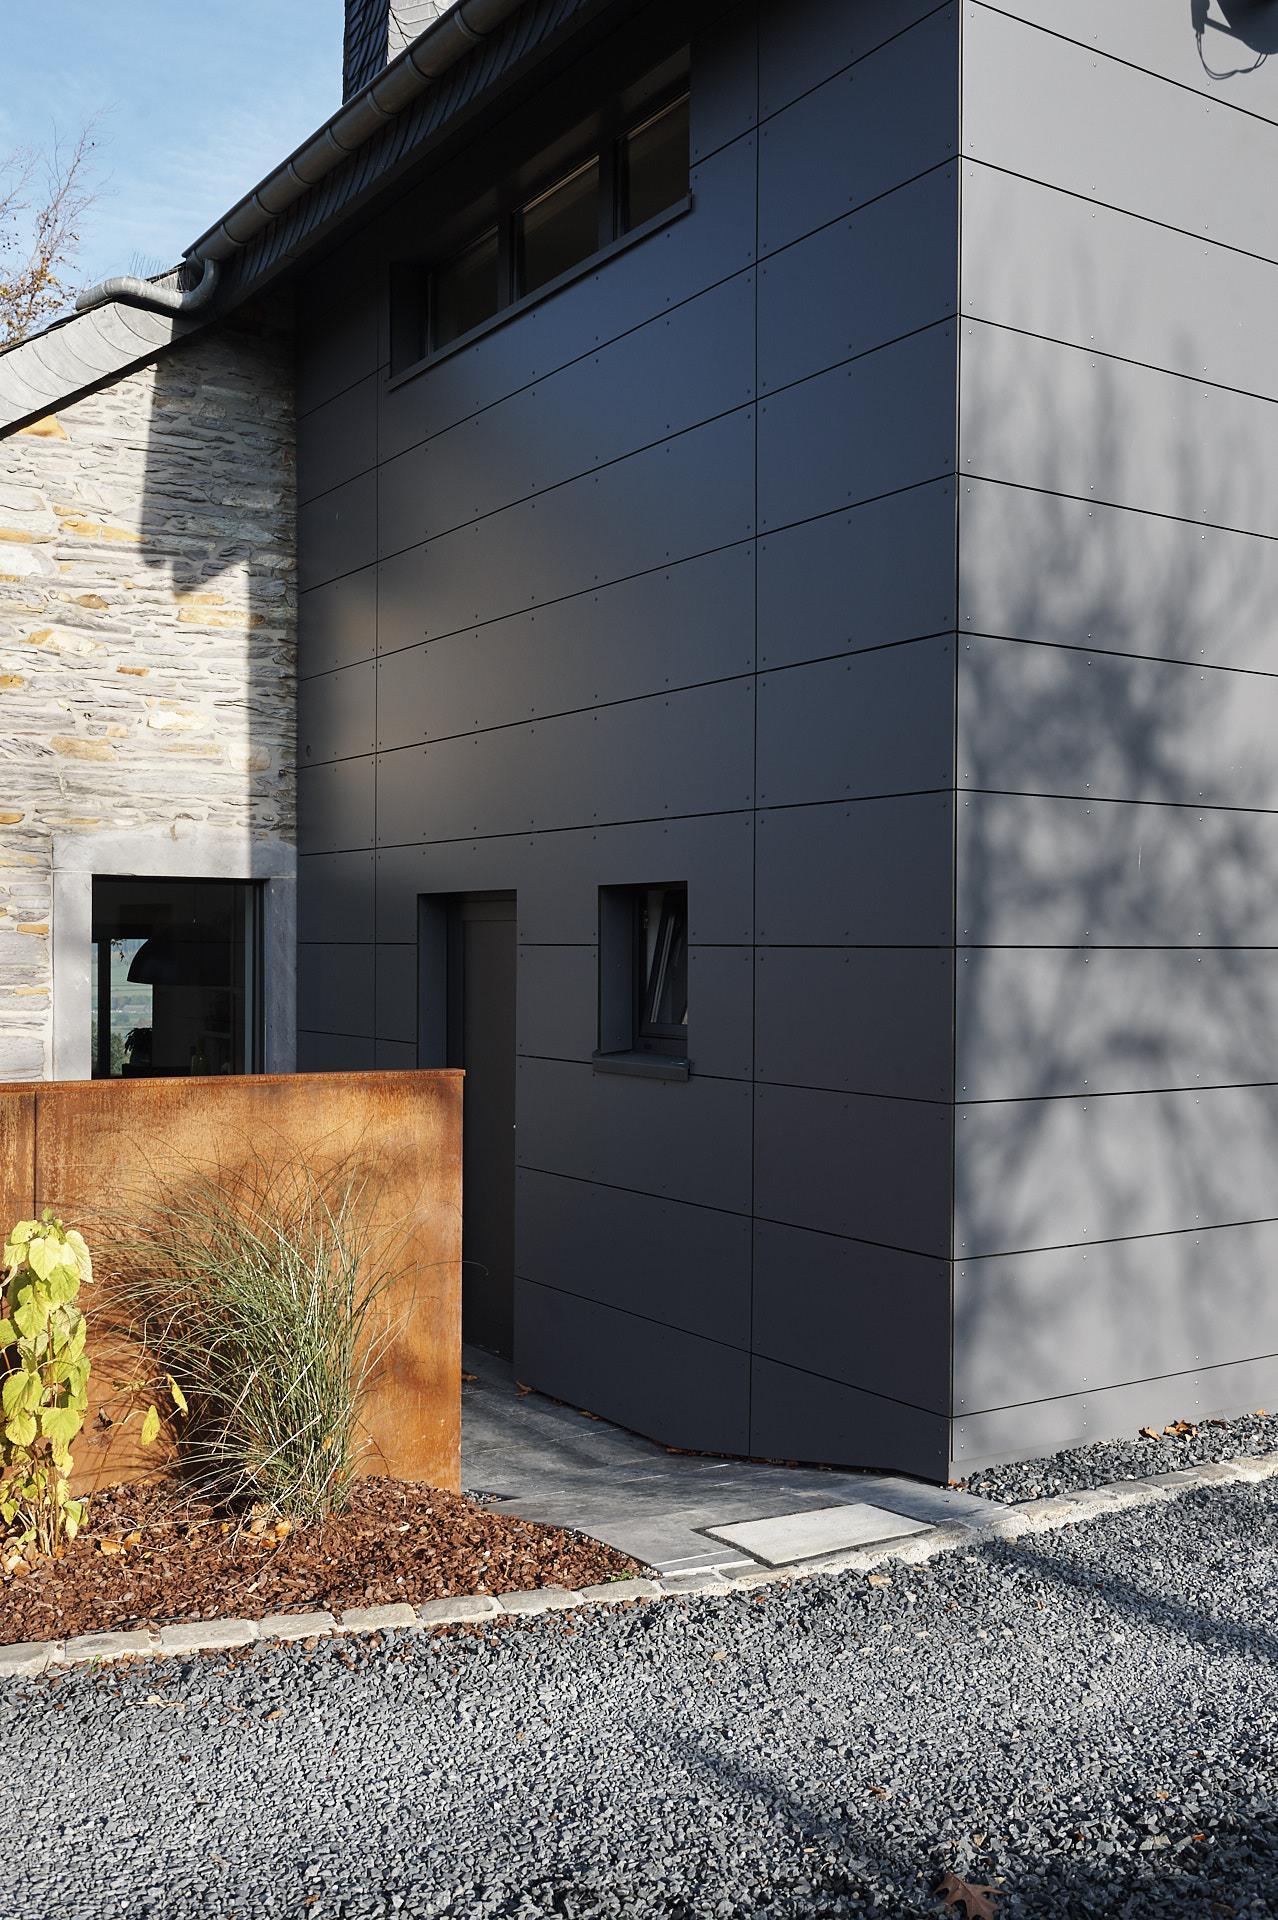 Sehr Entkernung und Neugestaltung einer Fassade - Outdoor - Bauen nach Maß LA99